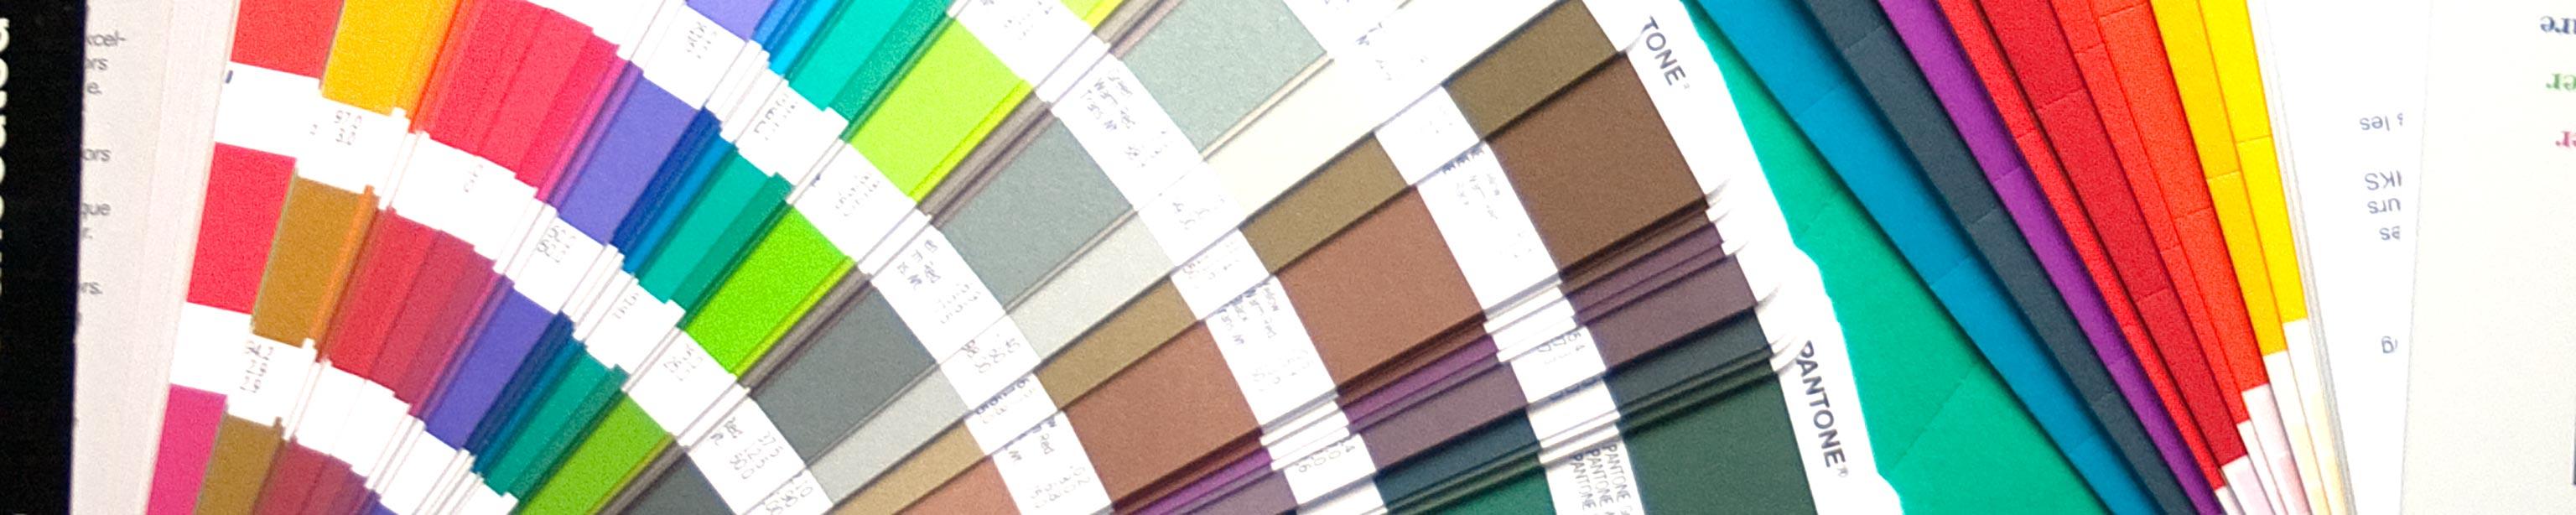 Farbfächer symbolisiert Angebotsvielfalt der Werbeagentur